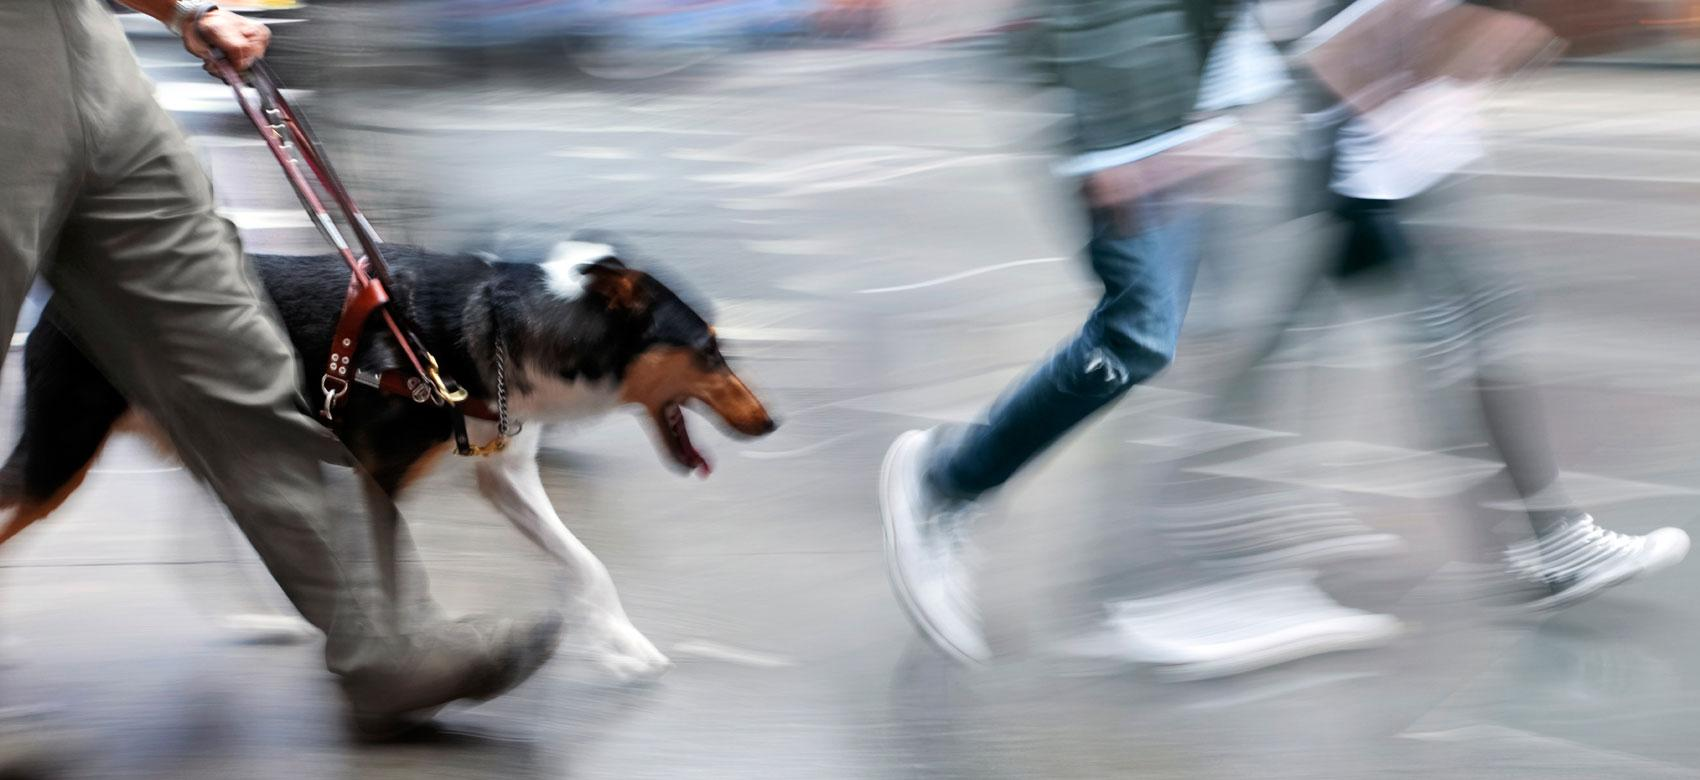 Perro guía orientando a un usuario entre la gente que camina por una calle